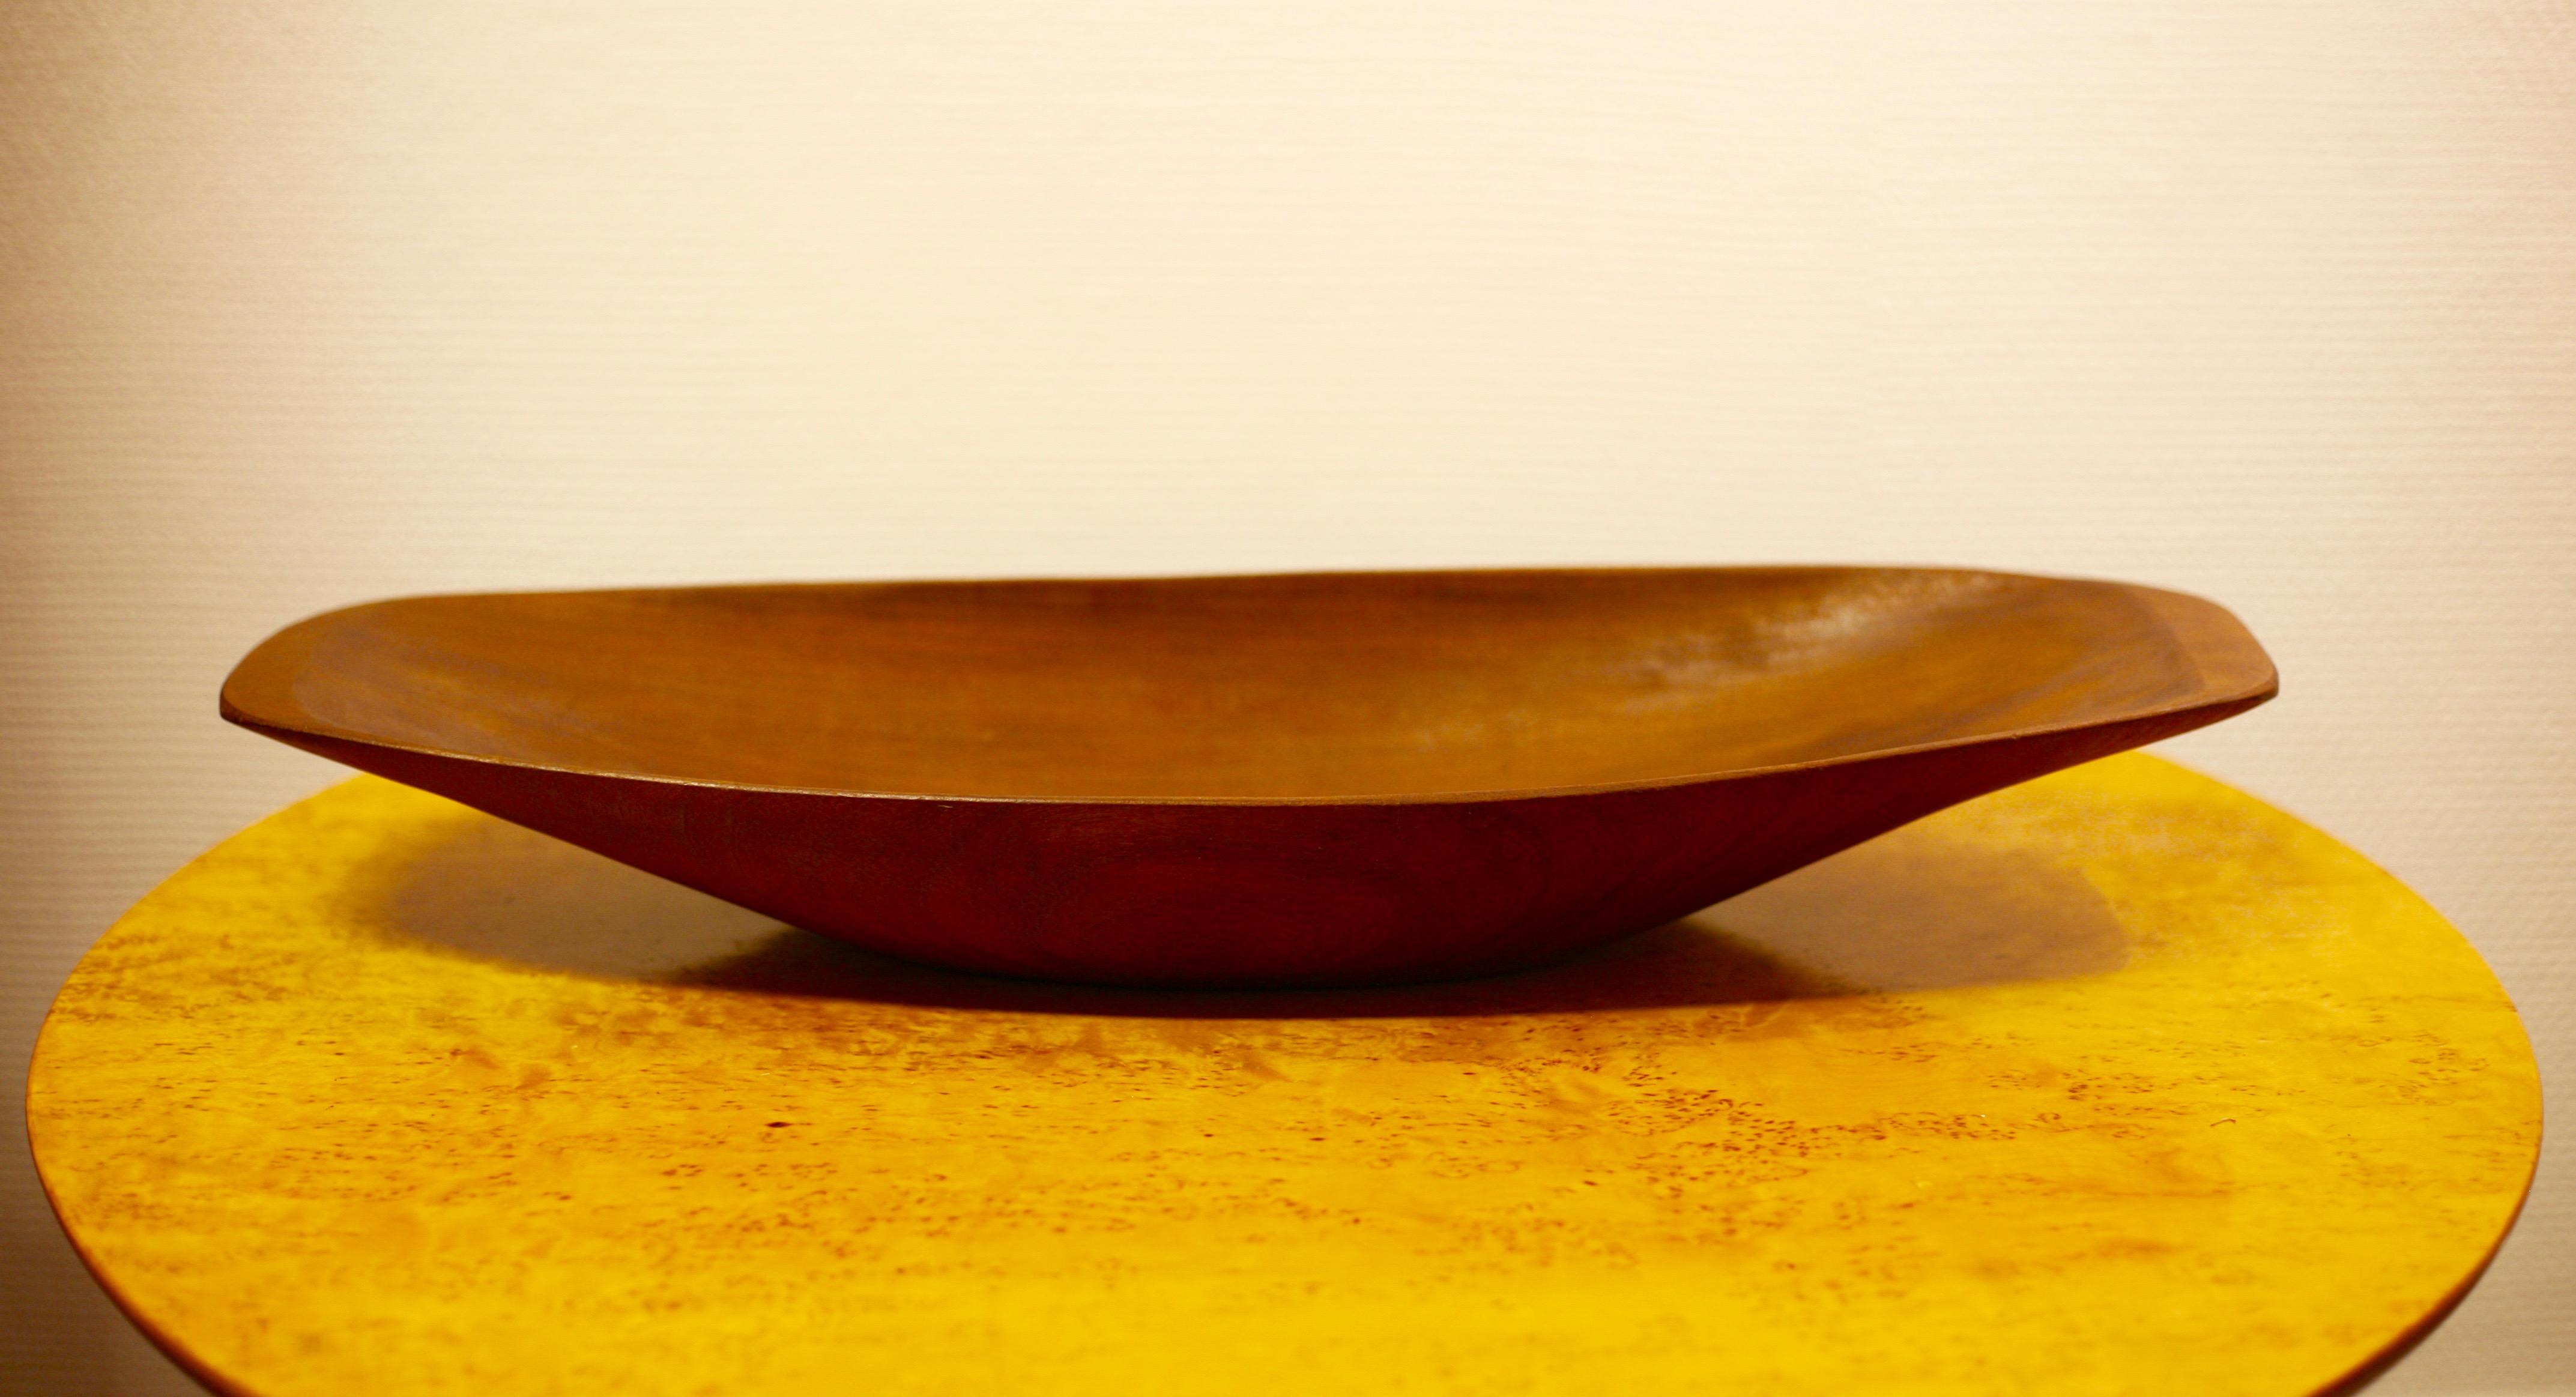 Carved teak bowl by Stig Sandqvist, Sweden